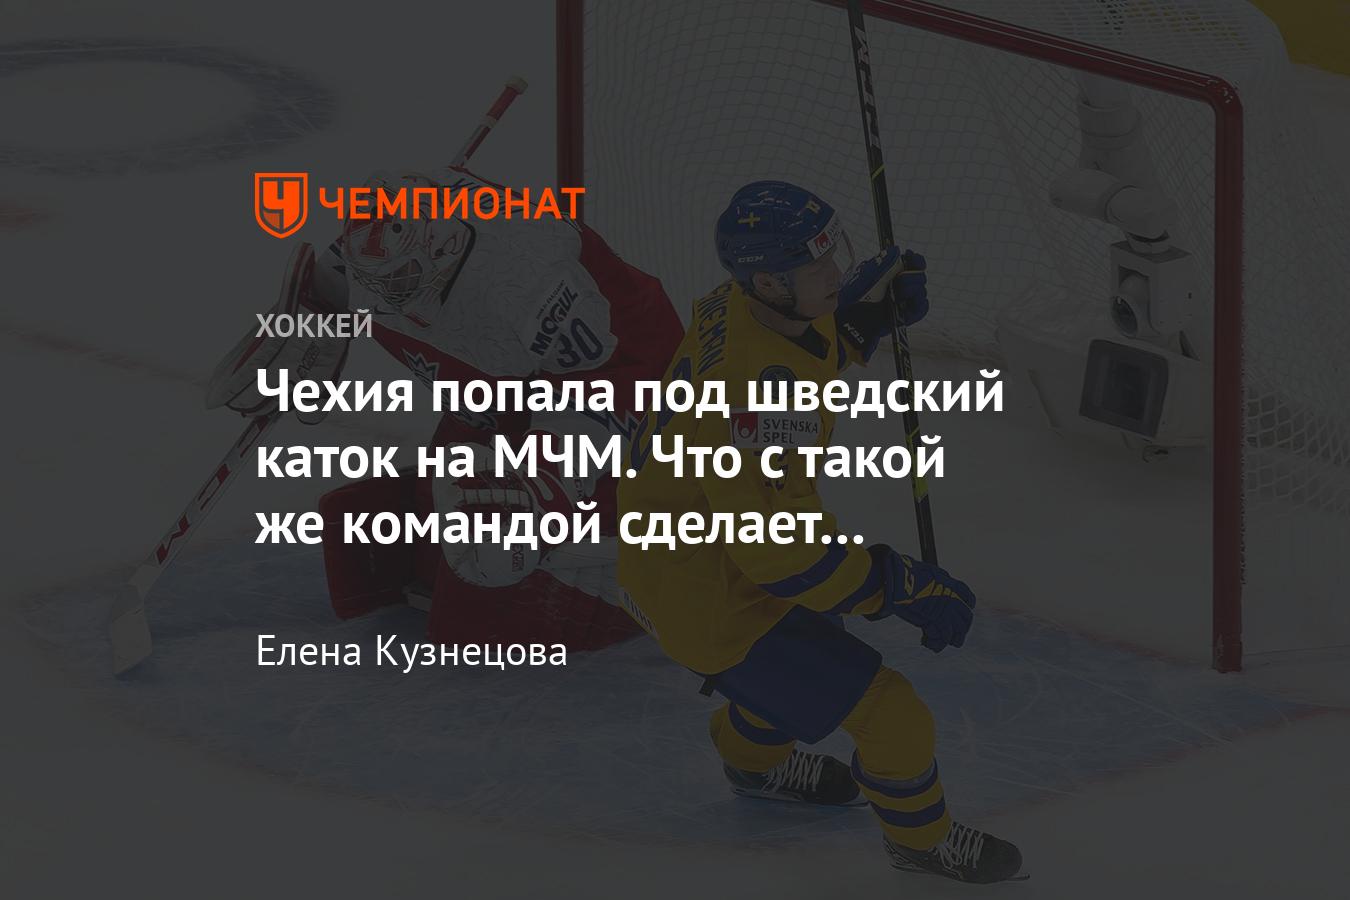 Швеция — Чехия — 7: 1 — видео, голы, обзор матча молодежного чемпионата мира по хоккею +2021